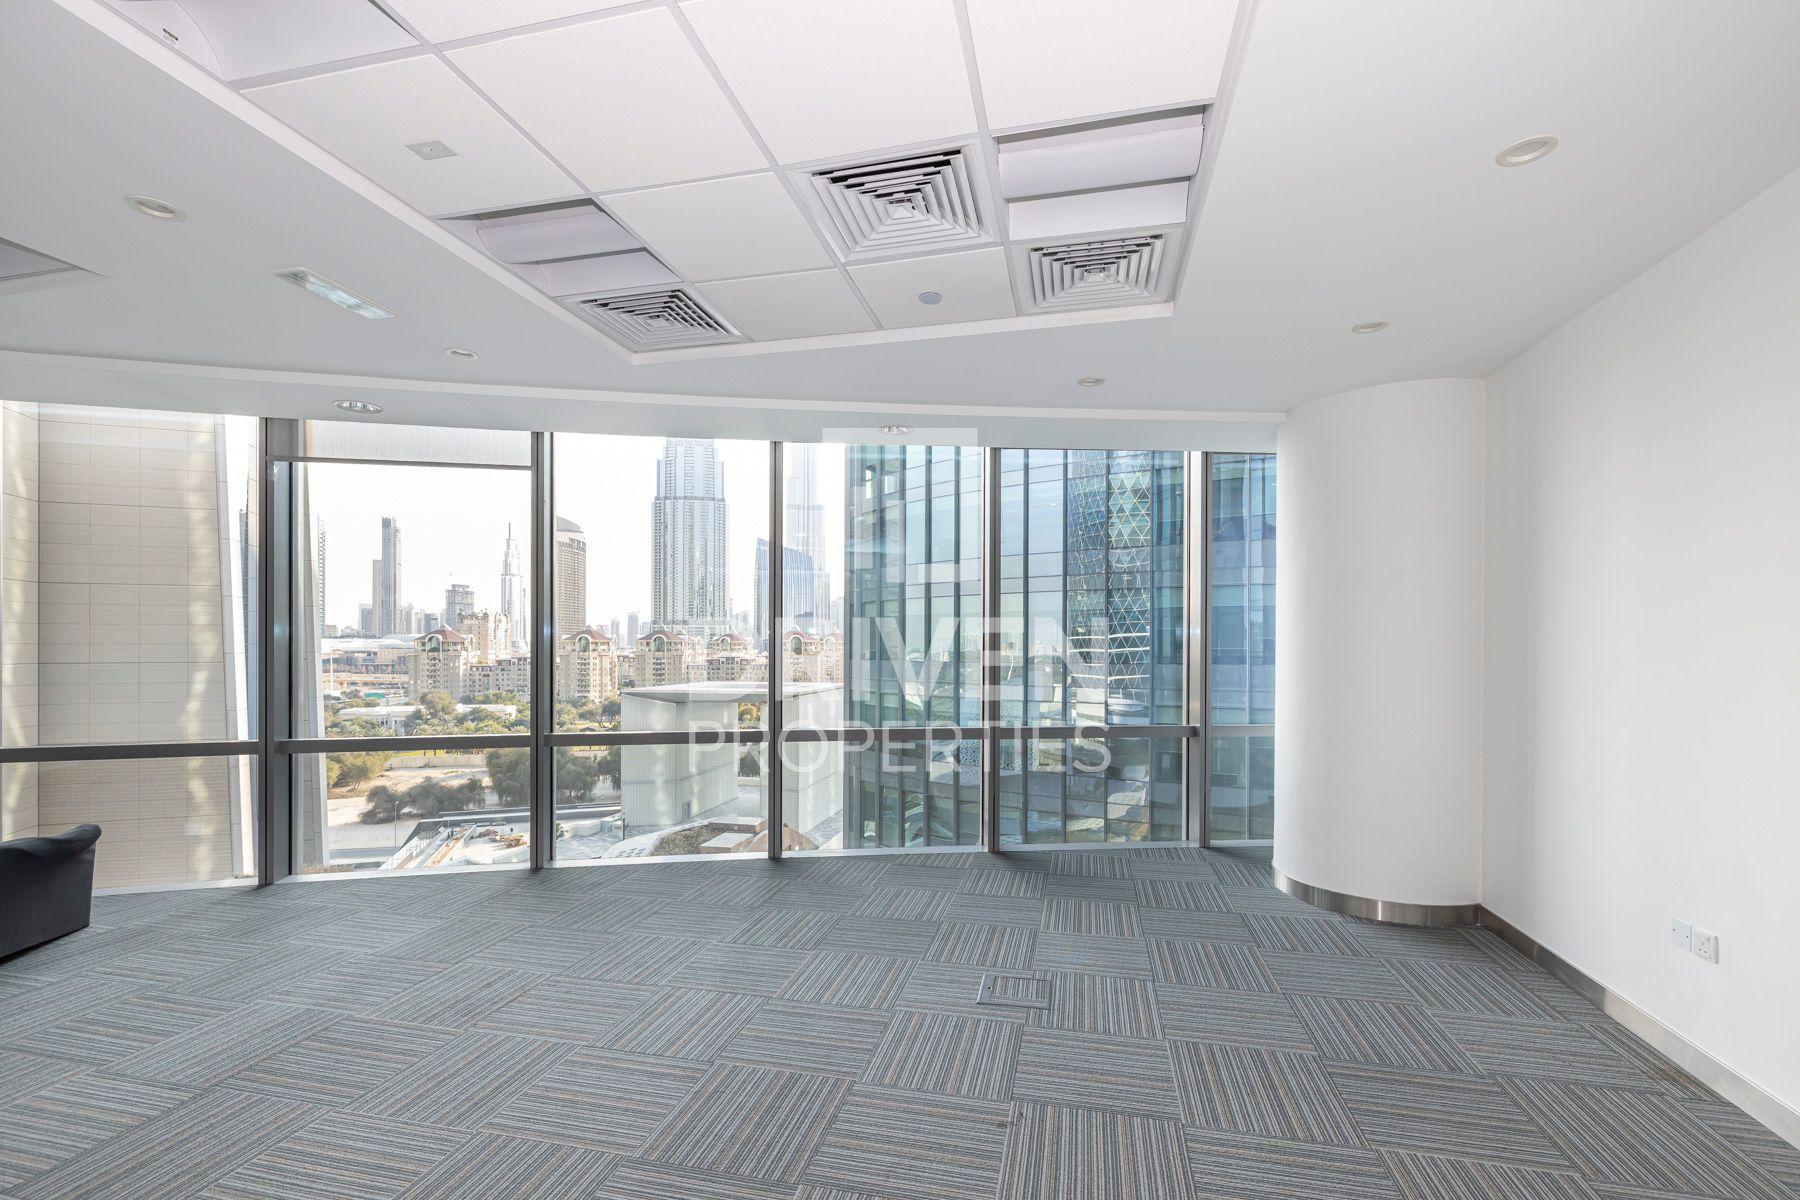 560 قدم مربع  مكتب - للايجار - مركز دبي المالي العالمي